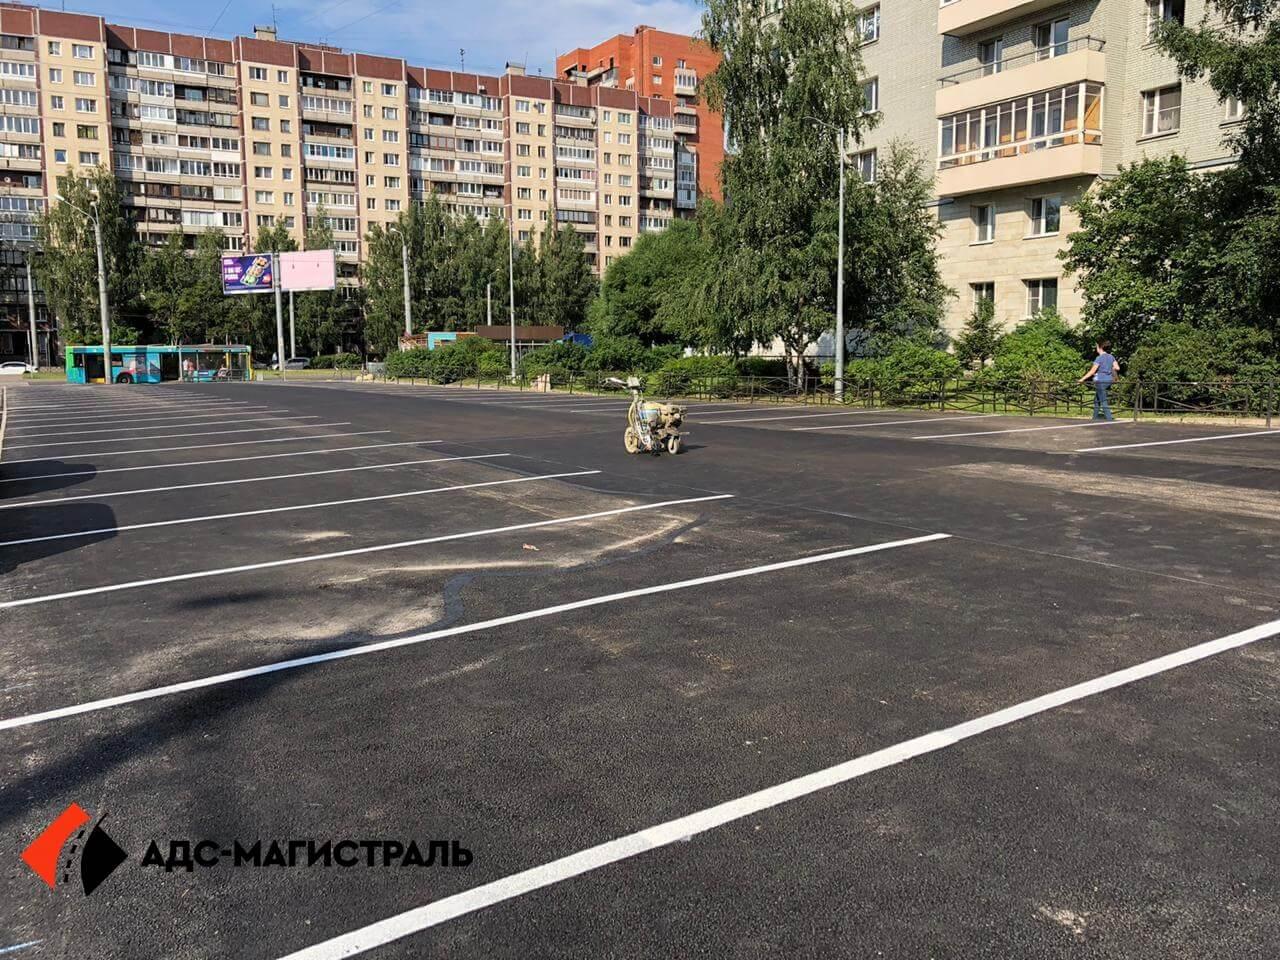 укладка асфальта на парковке Уточкина фото 8